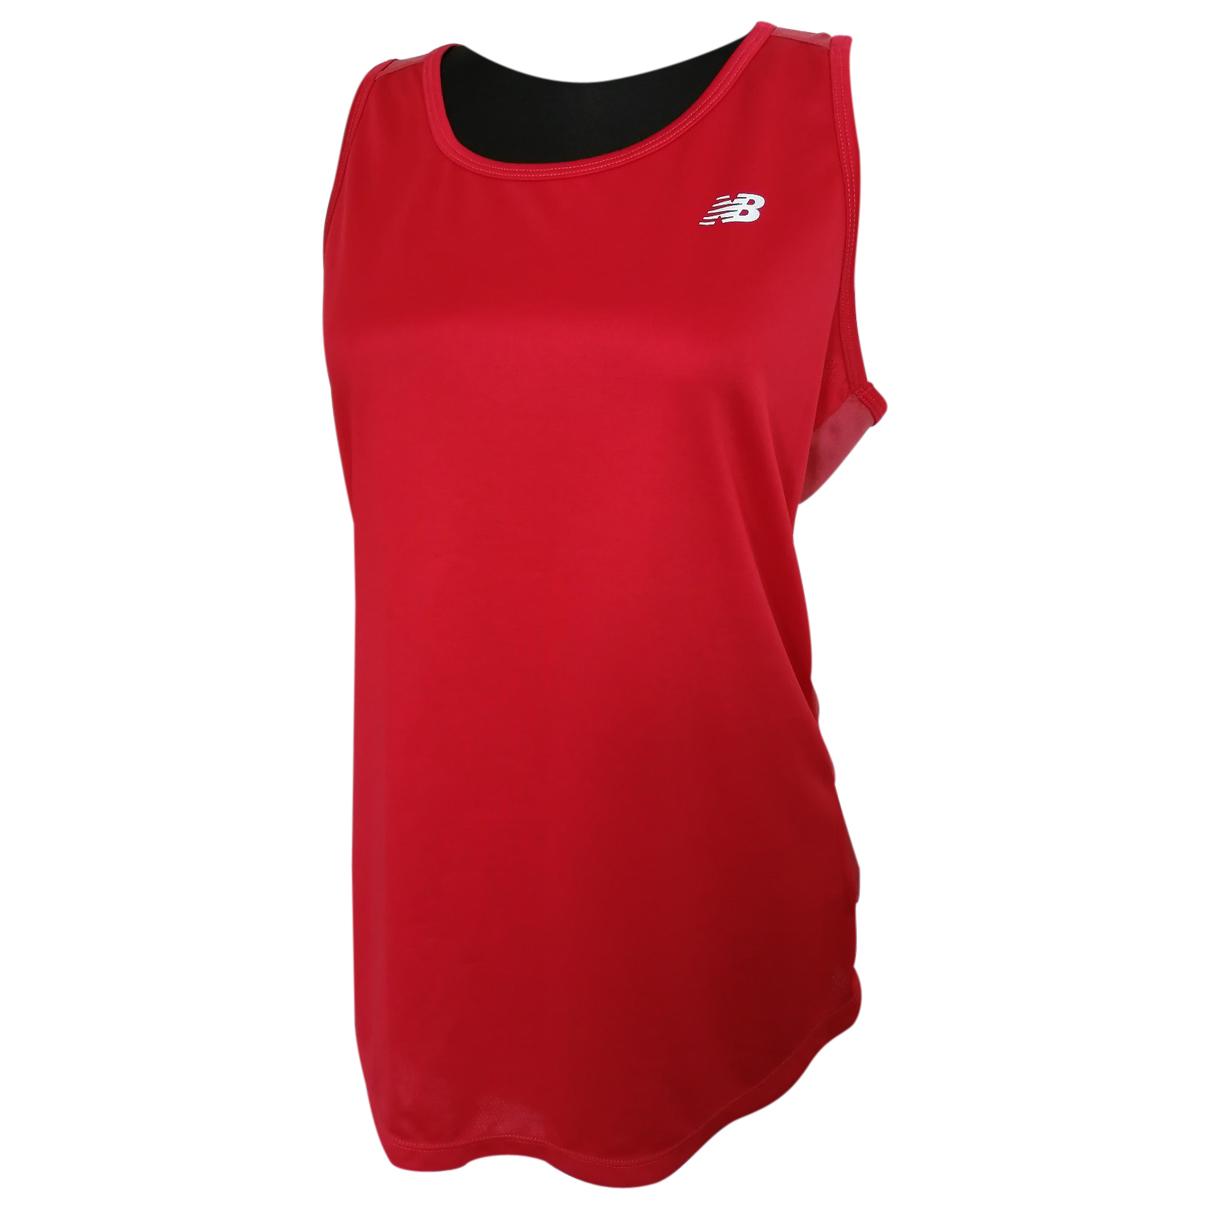 New Balance - Top   pour femme - rouge